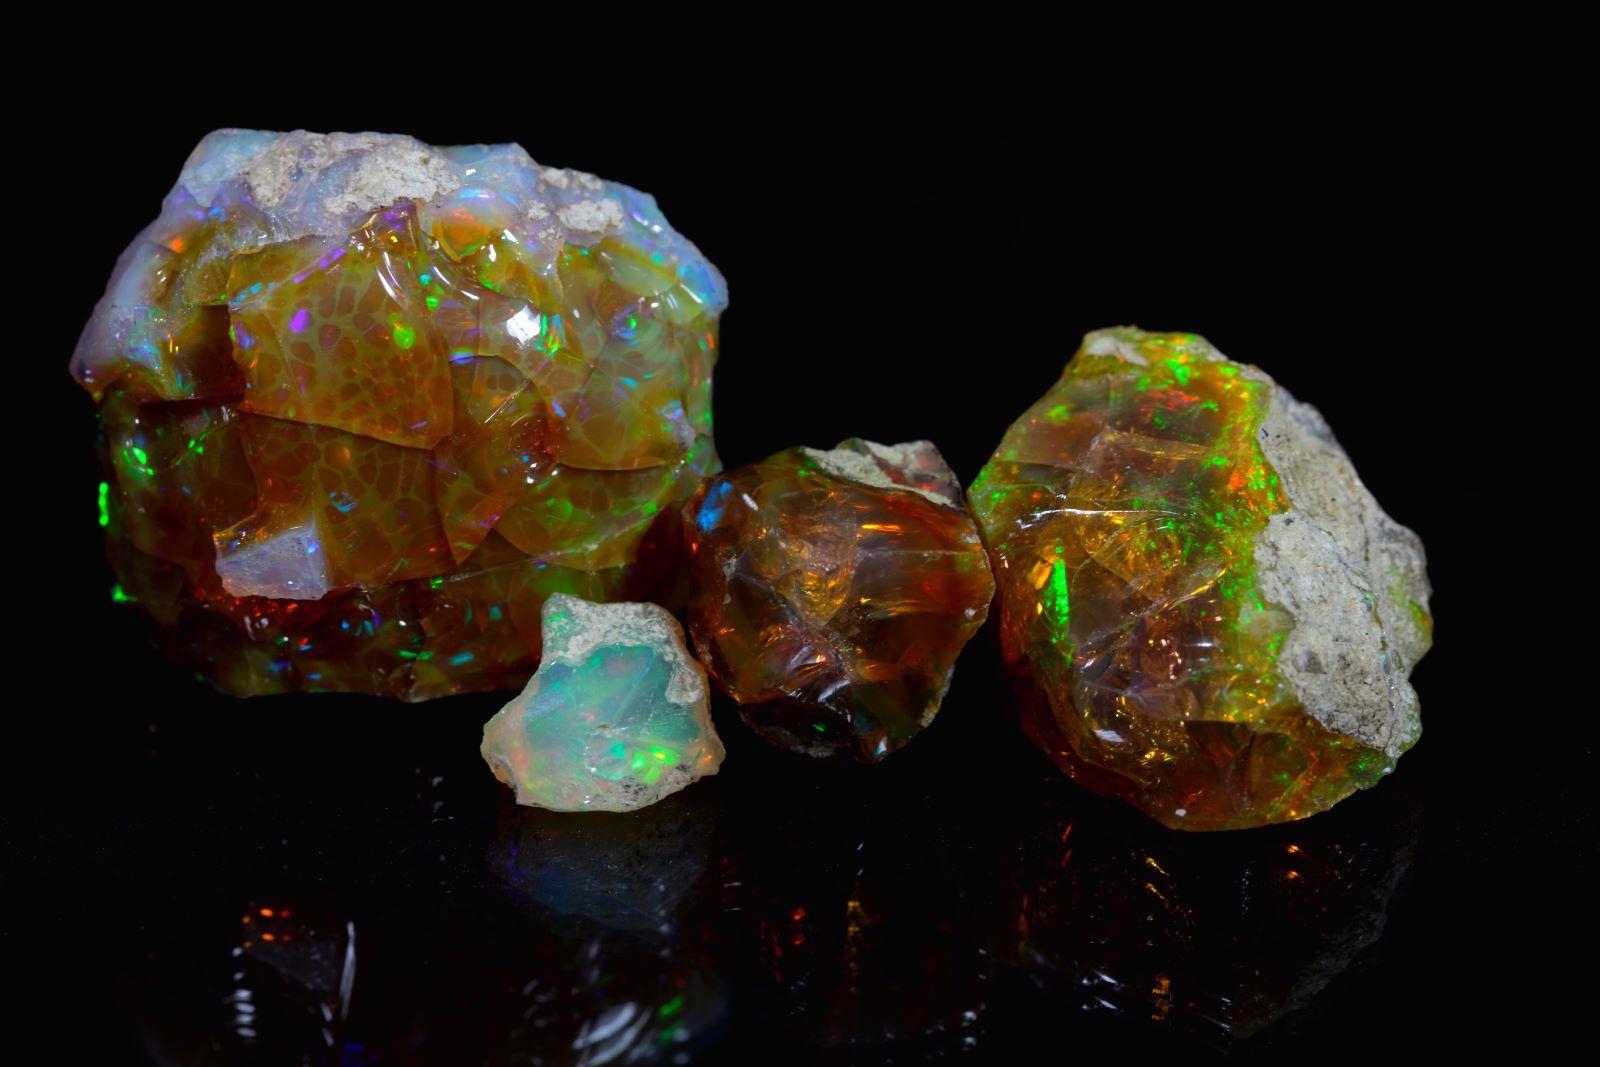 Opale mit Farbspiel